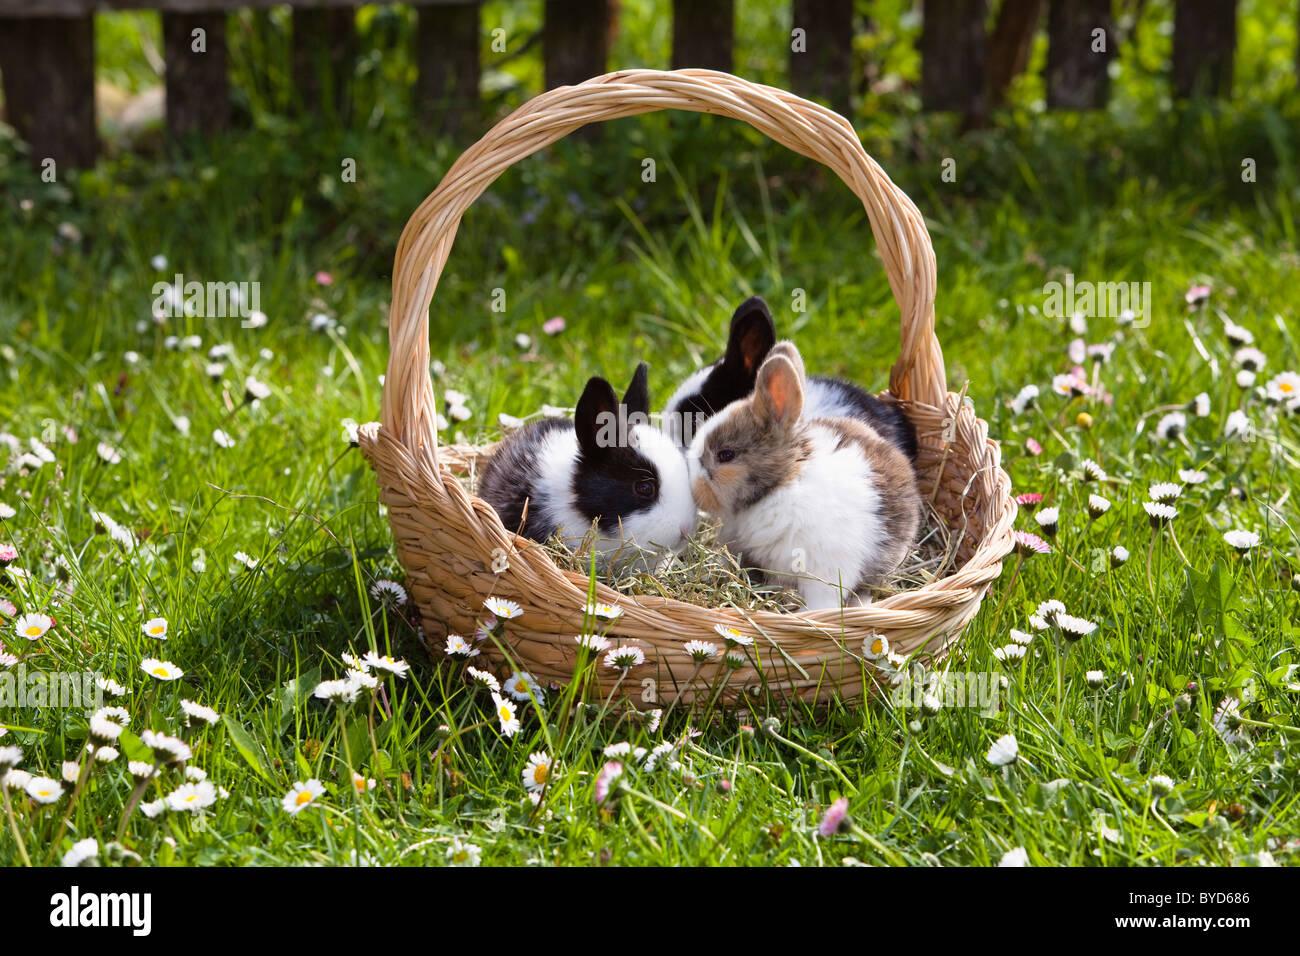 Les jeunes lapins (Oryctolagus cuniculus forma domestica) dans un panier de Pâques sur un pré fleuri Photo Stock